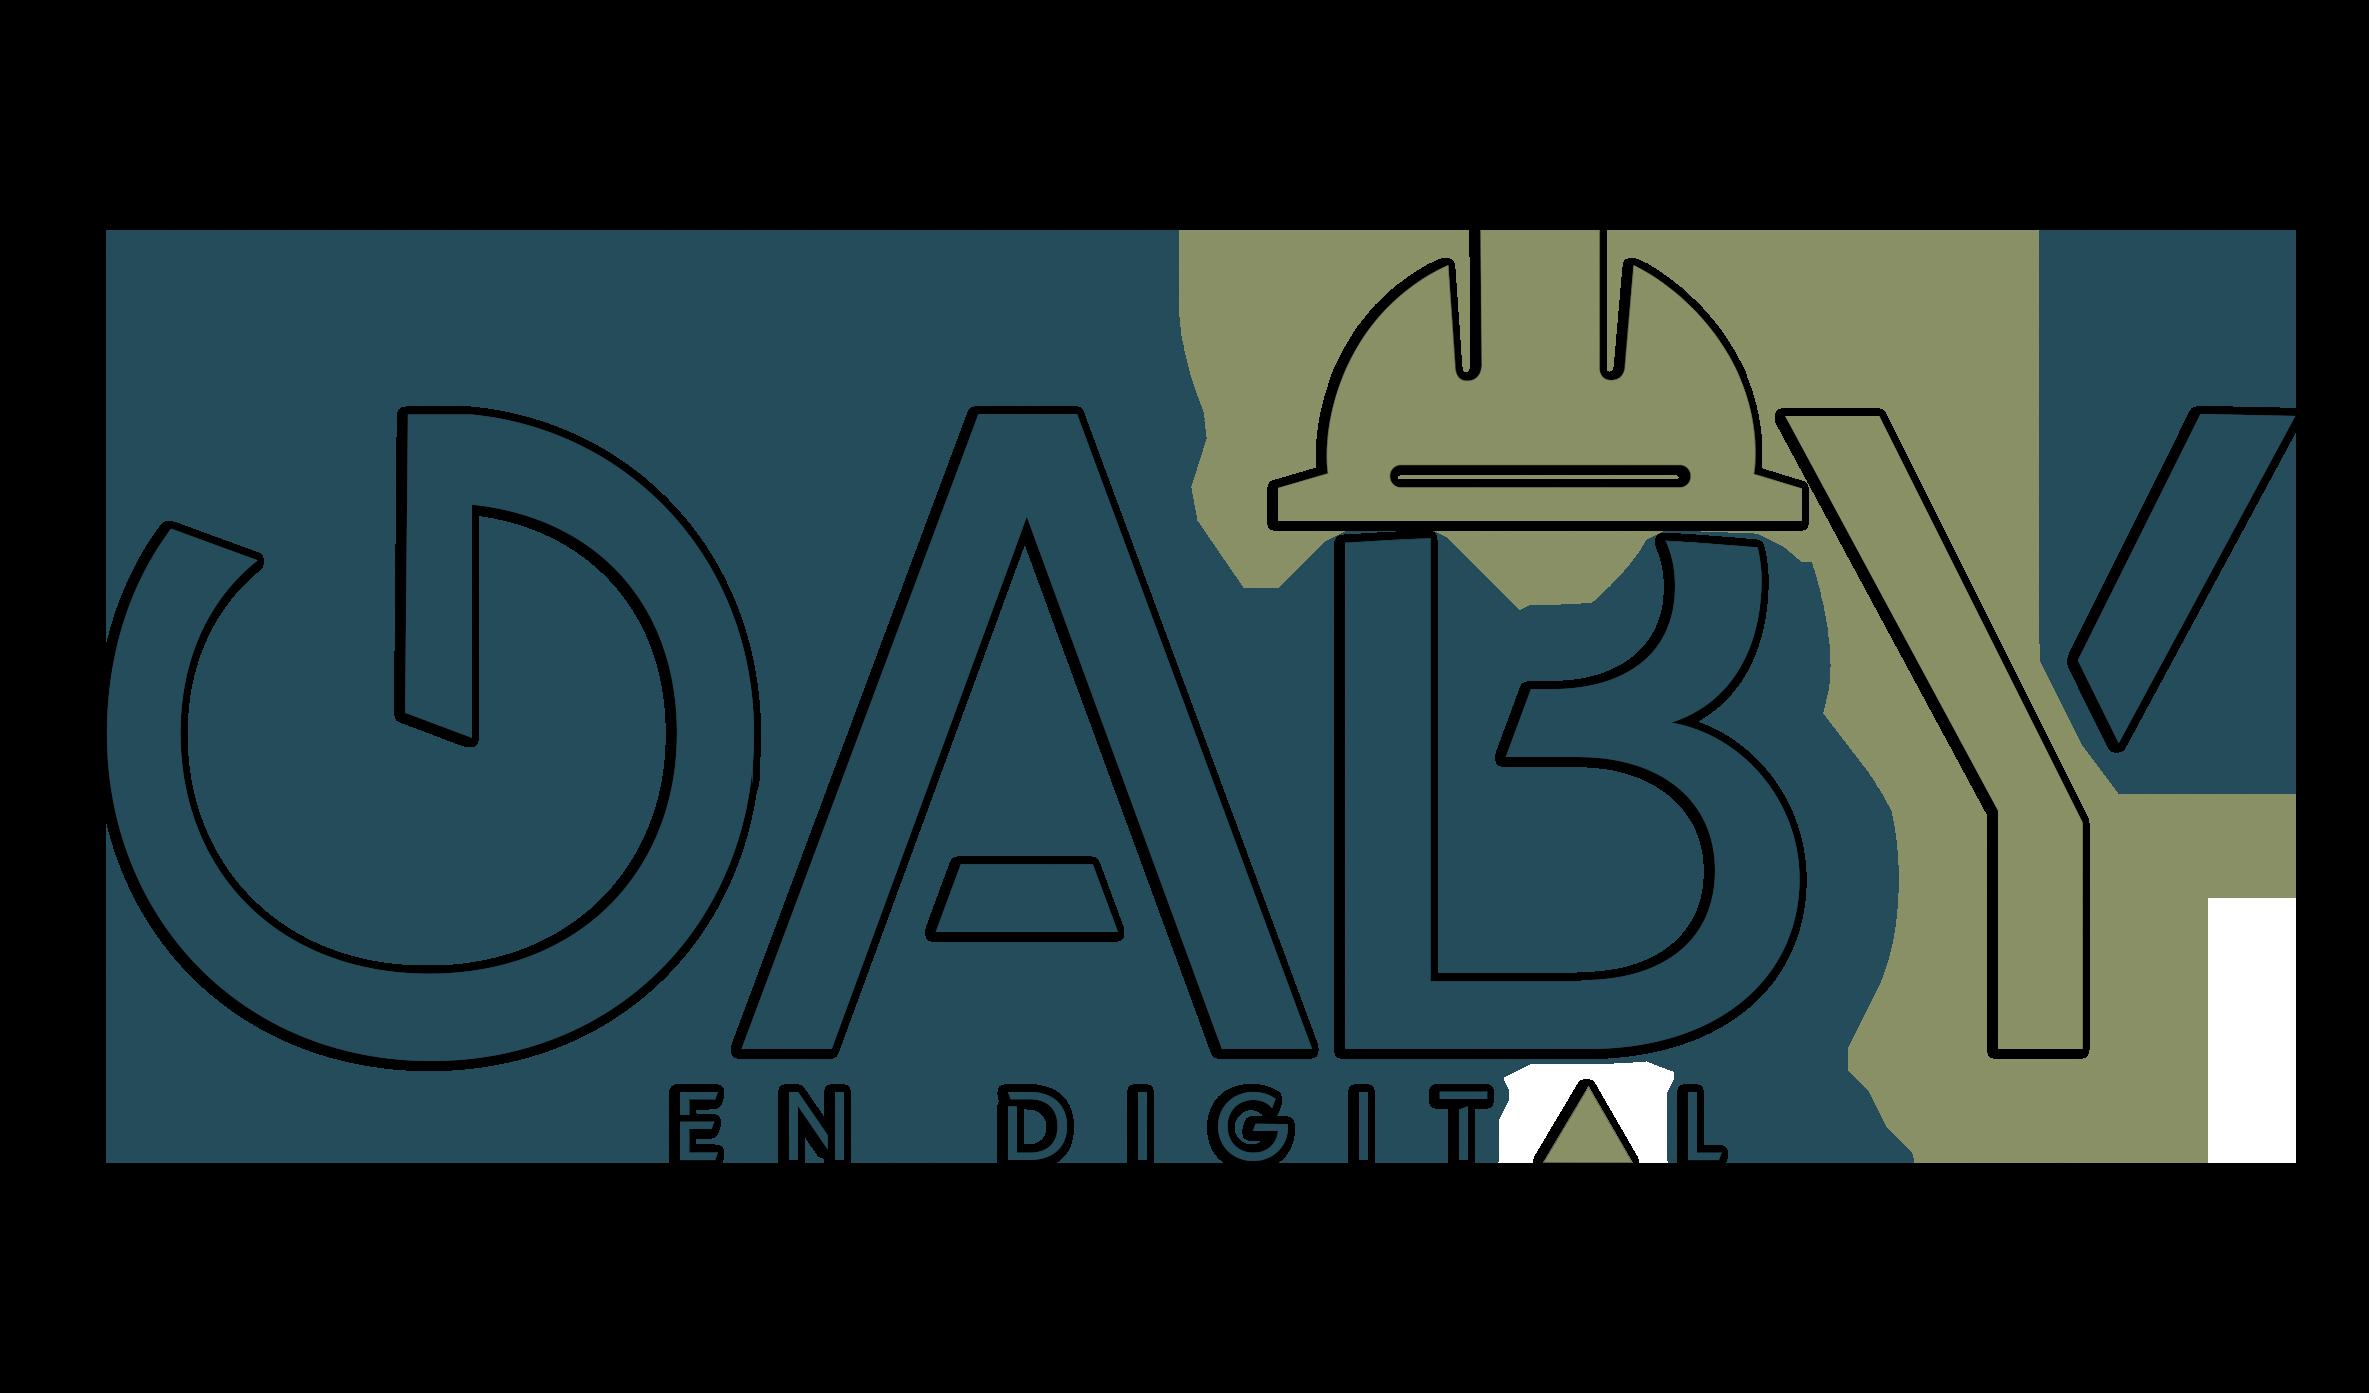 Gaby en Digital